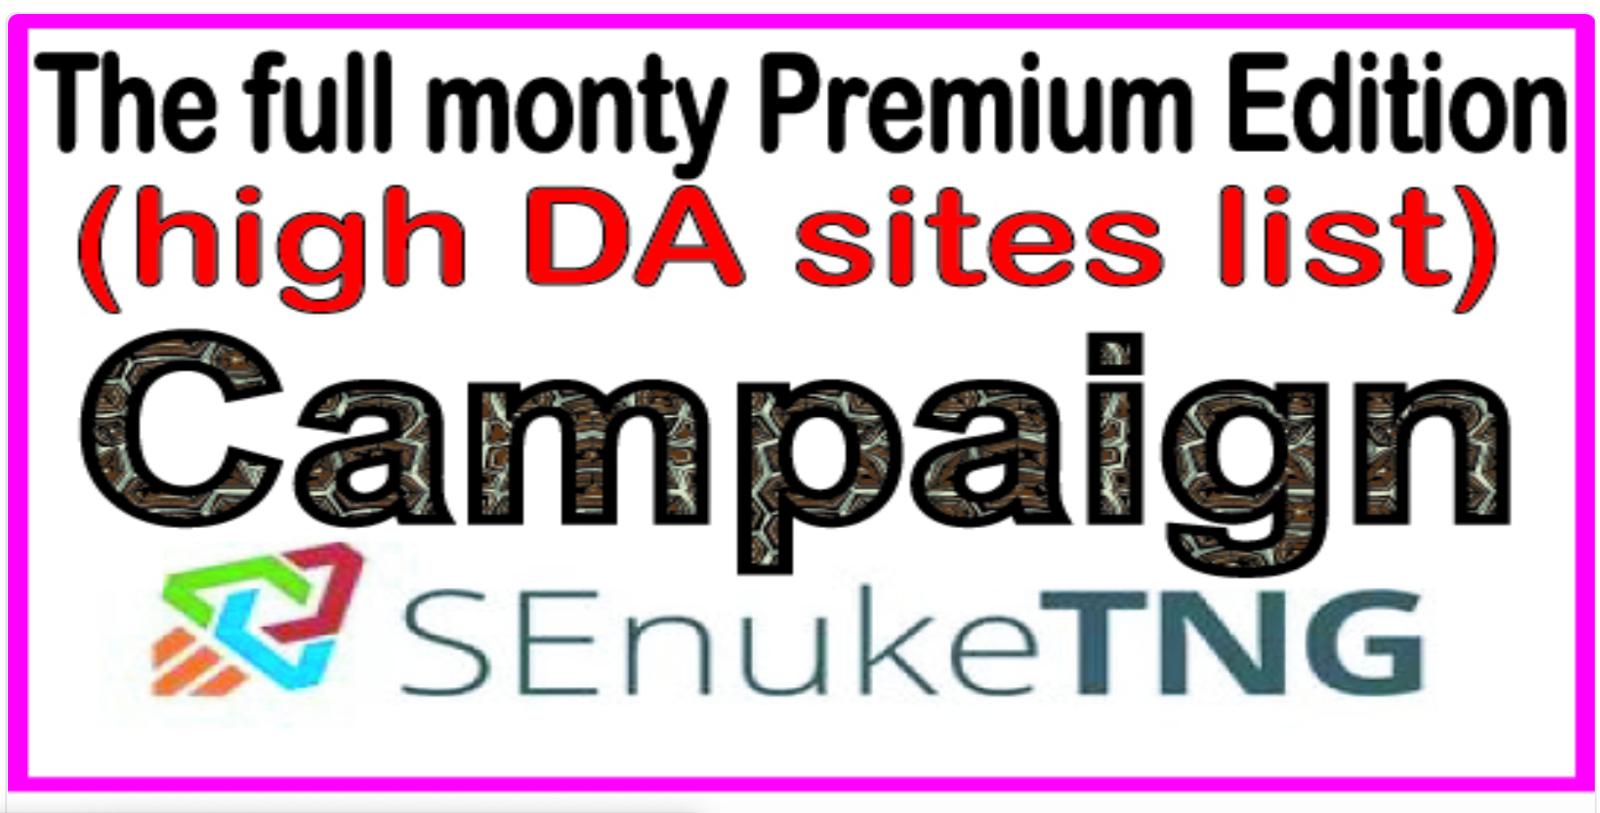 The full monty campaign 2020 Unique Domains 700